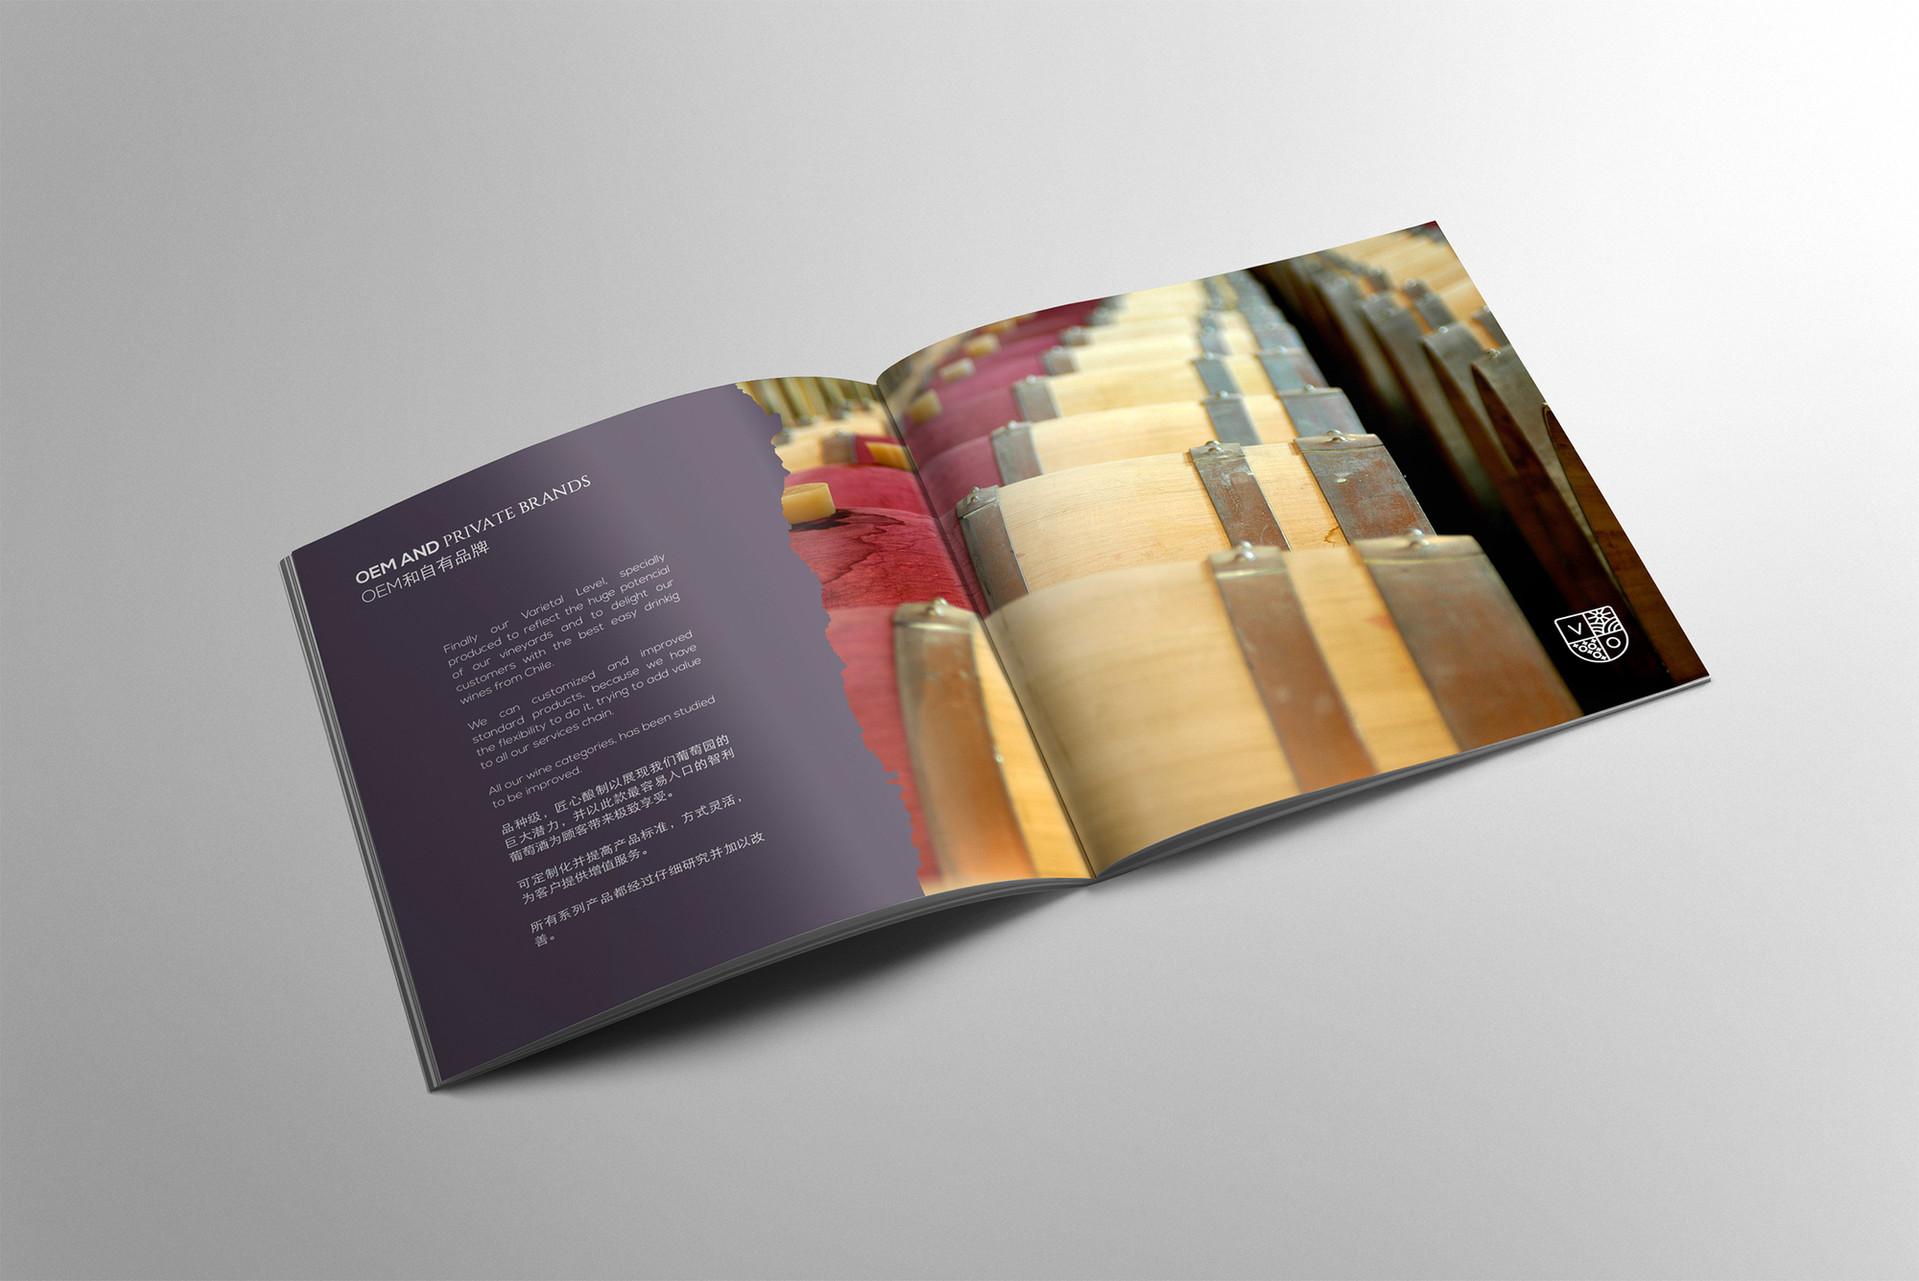 folleto7.jpg